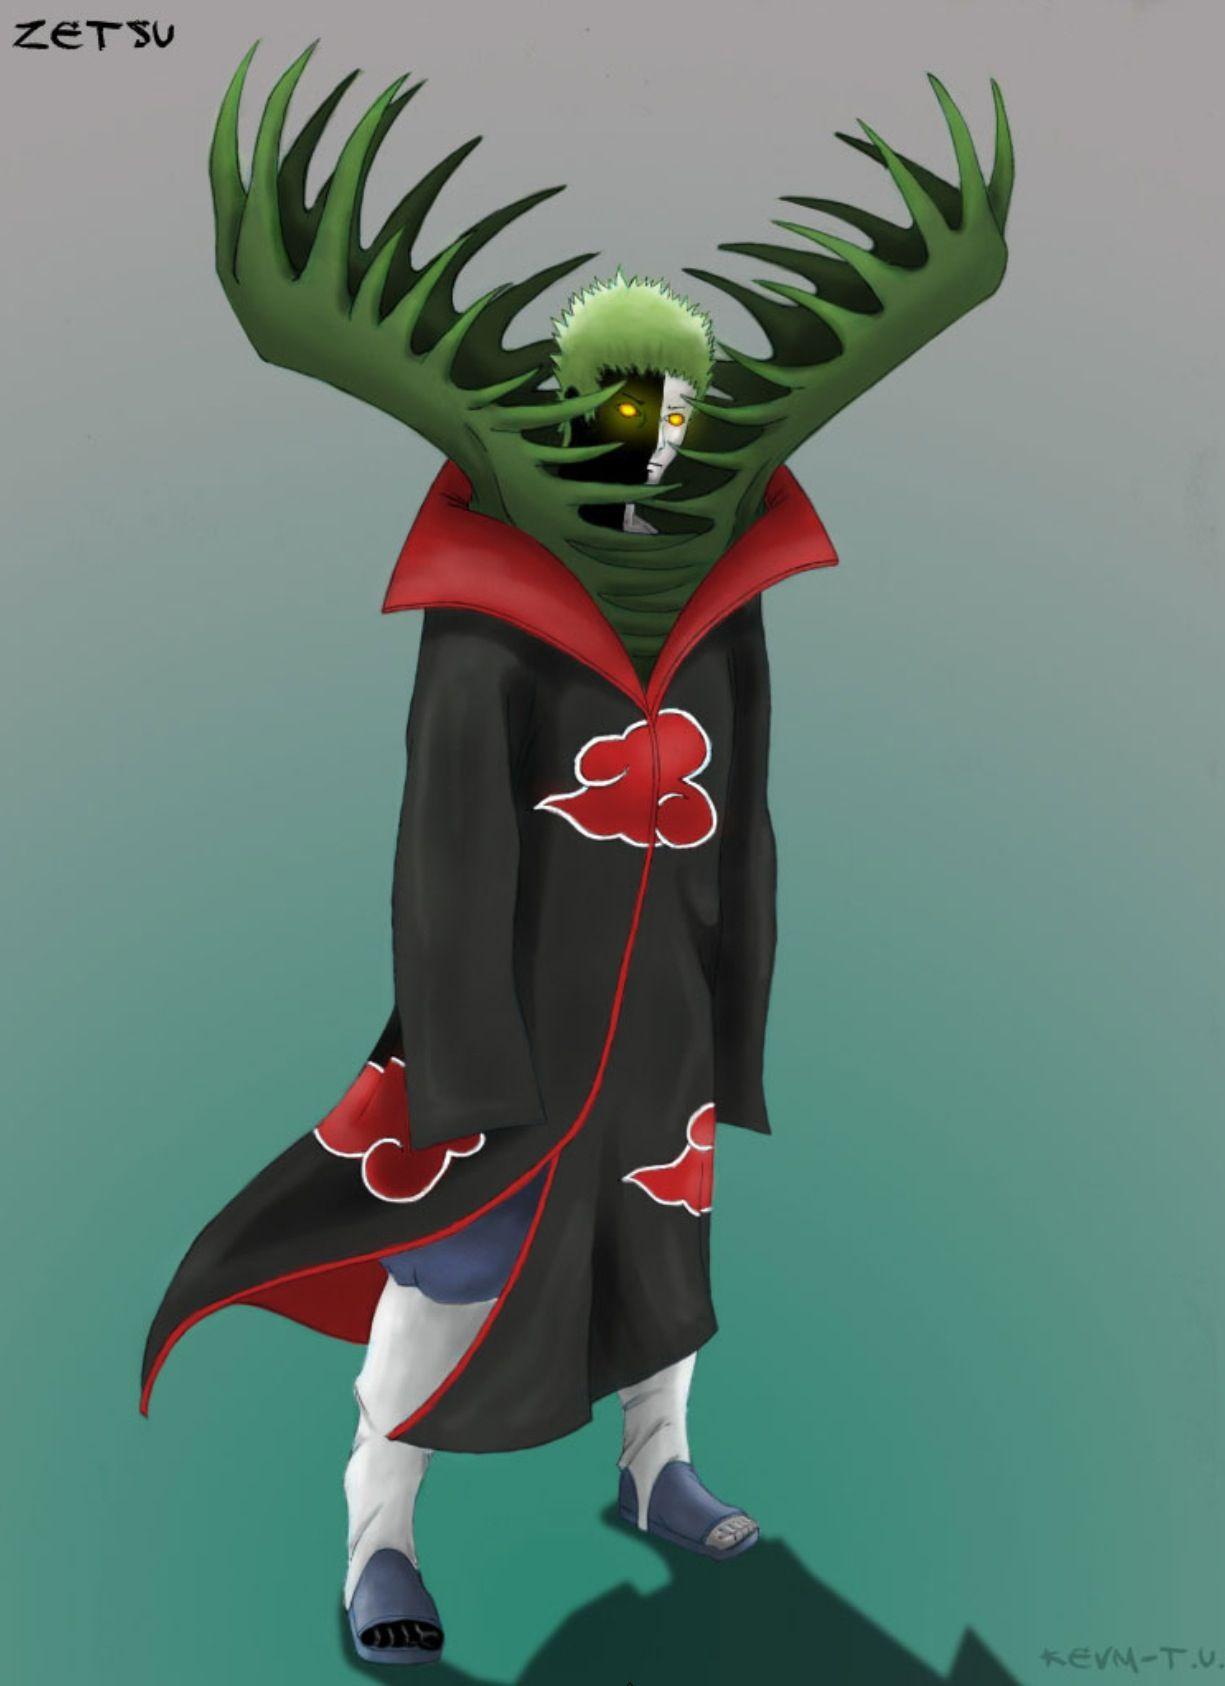 Zetsu (1)